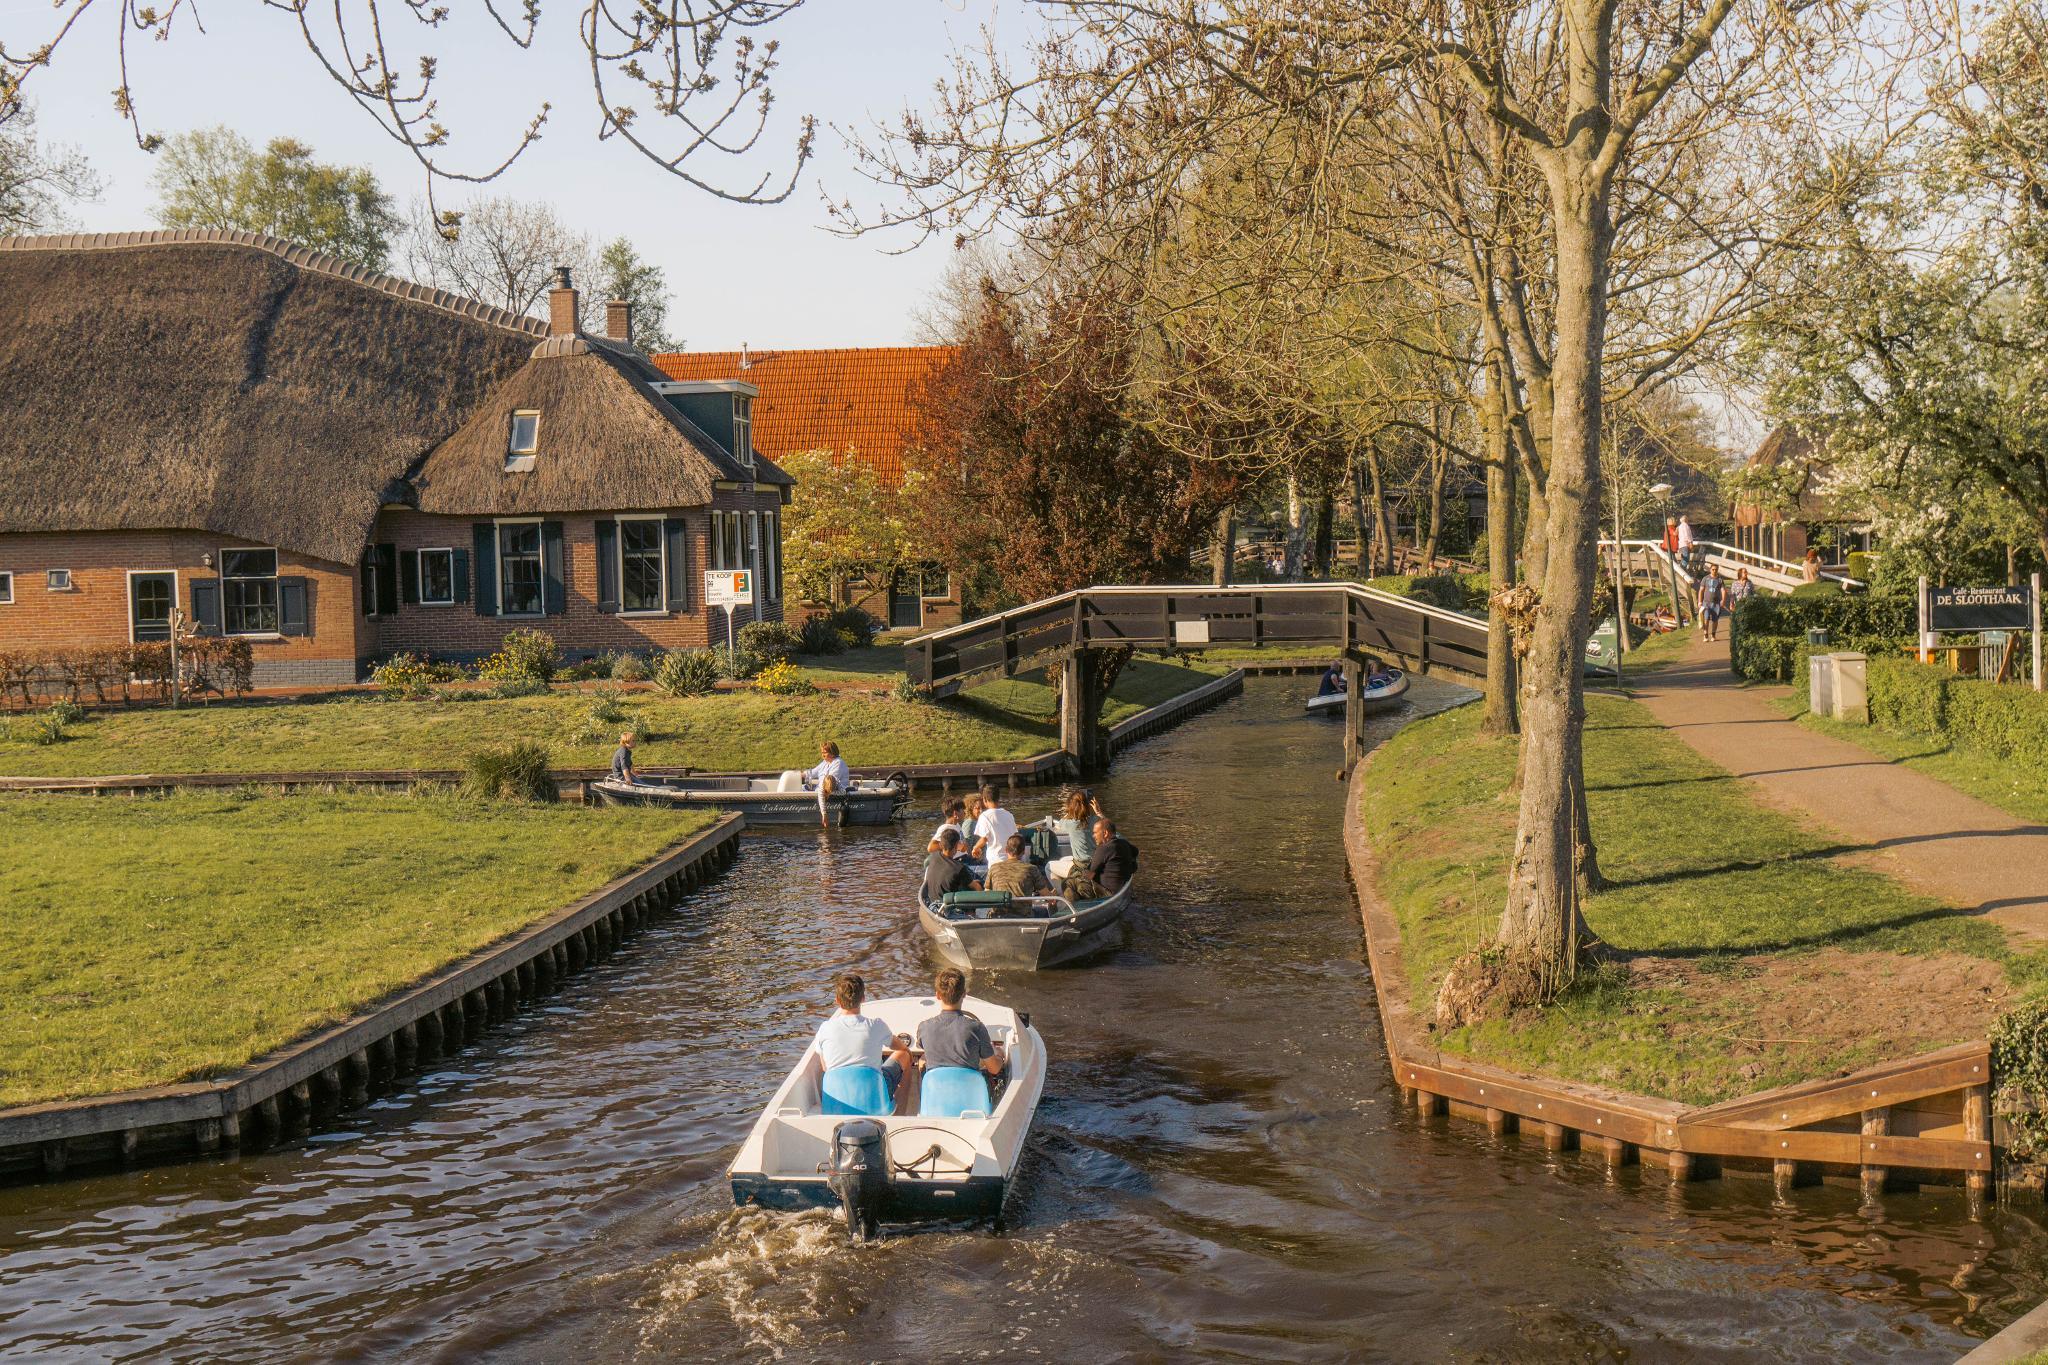 【荷蘭印象】羊角村 Giethoorn — 上帝遺落人間的世外桃源 25